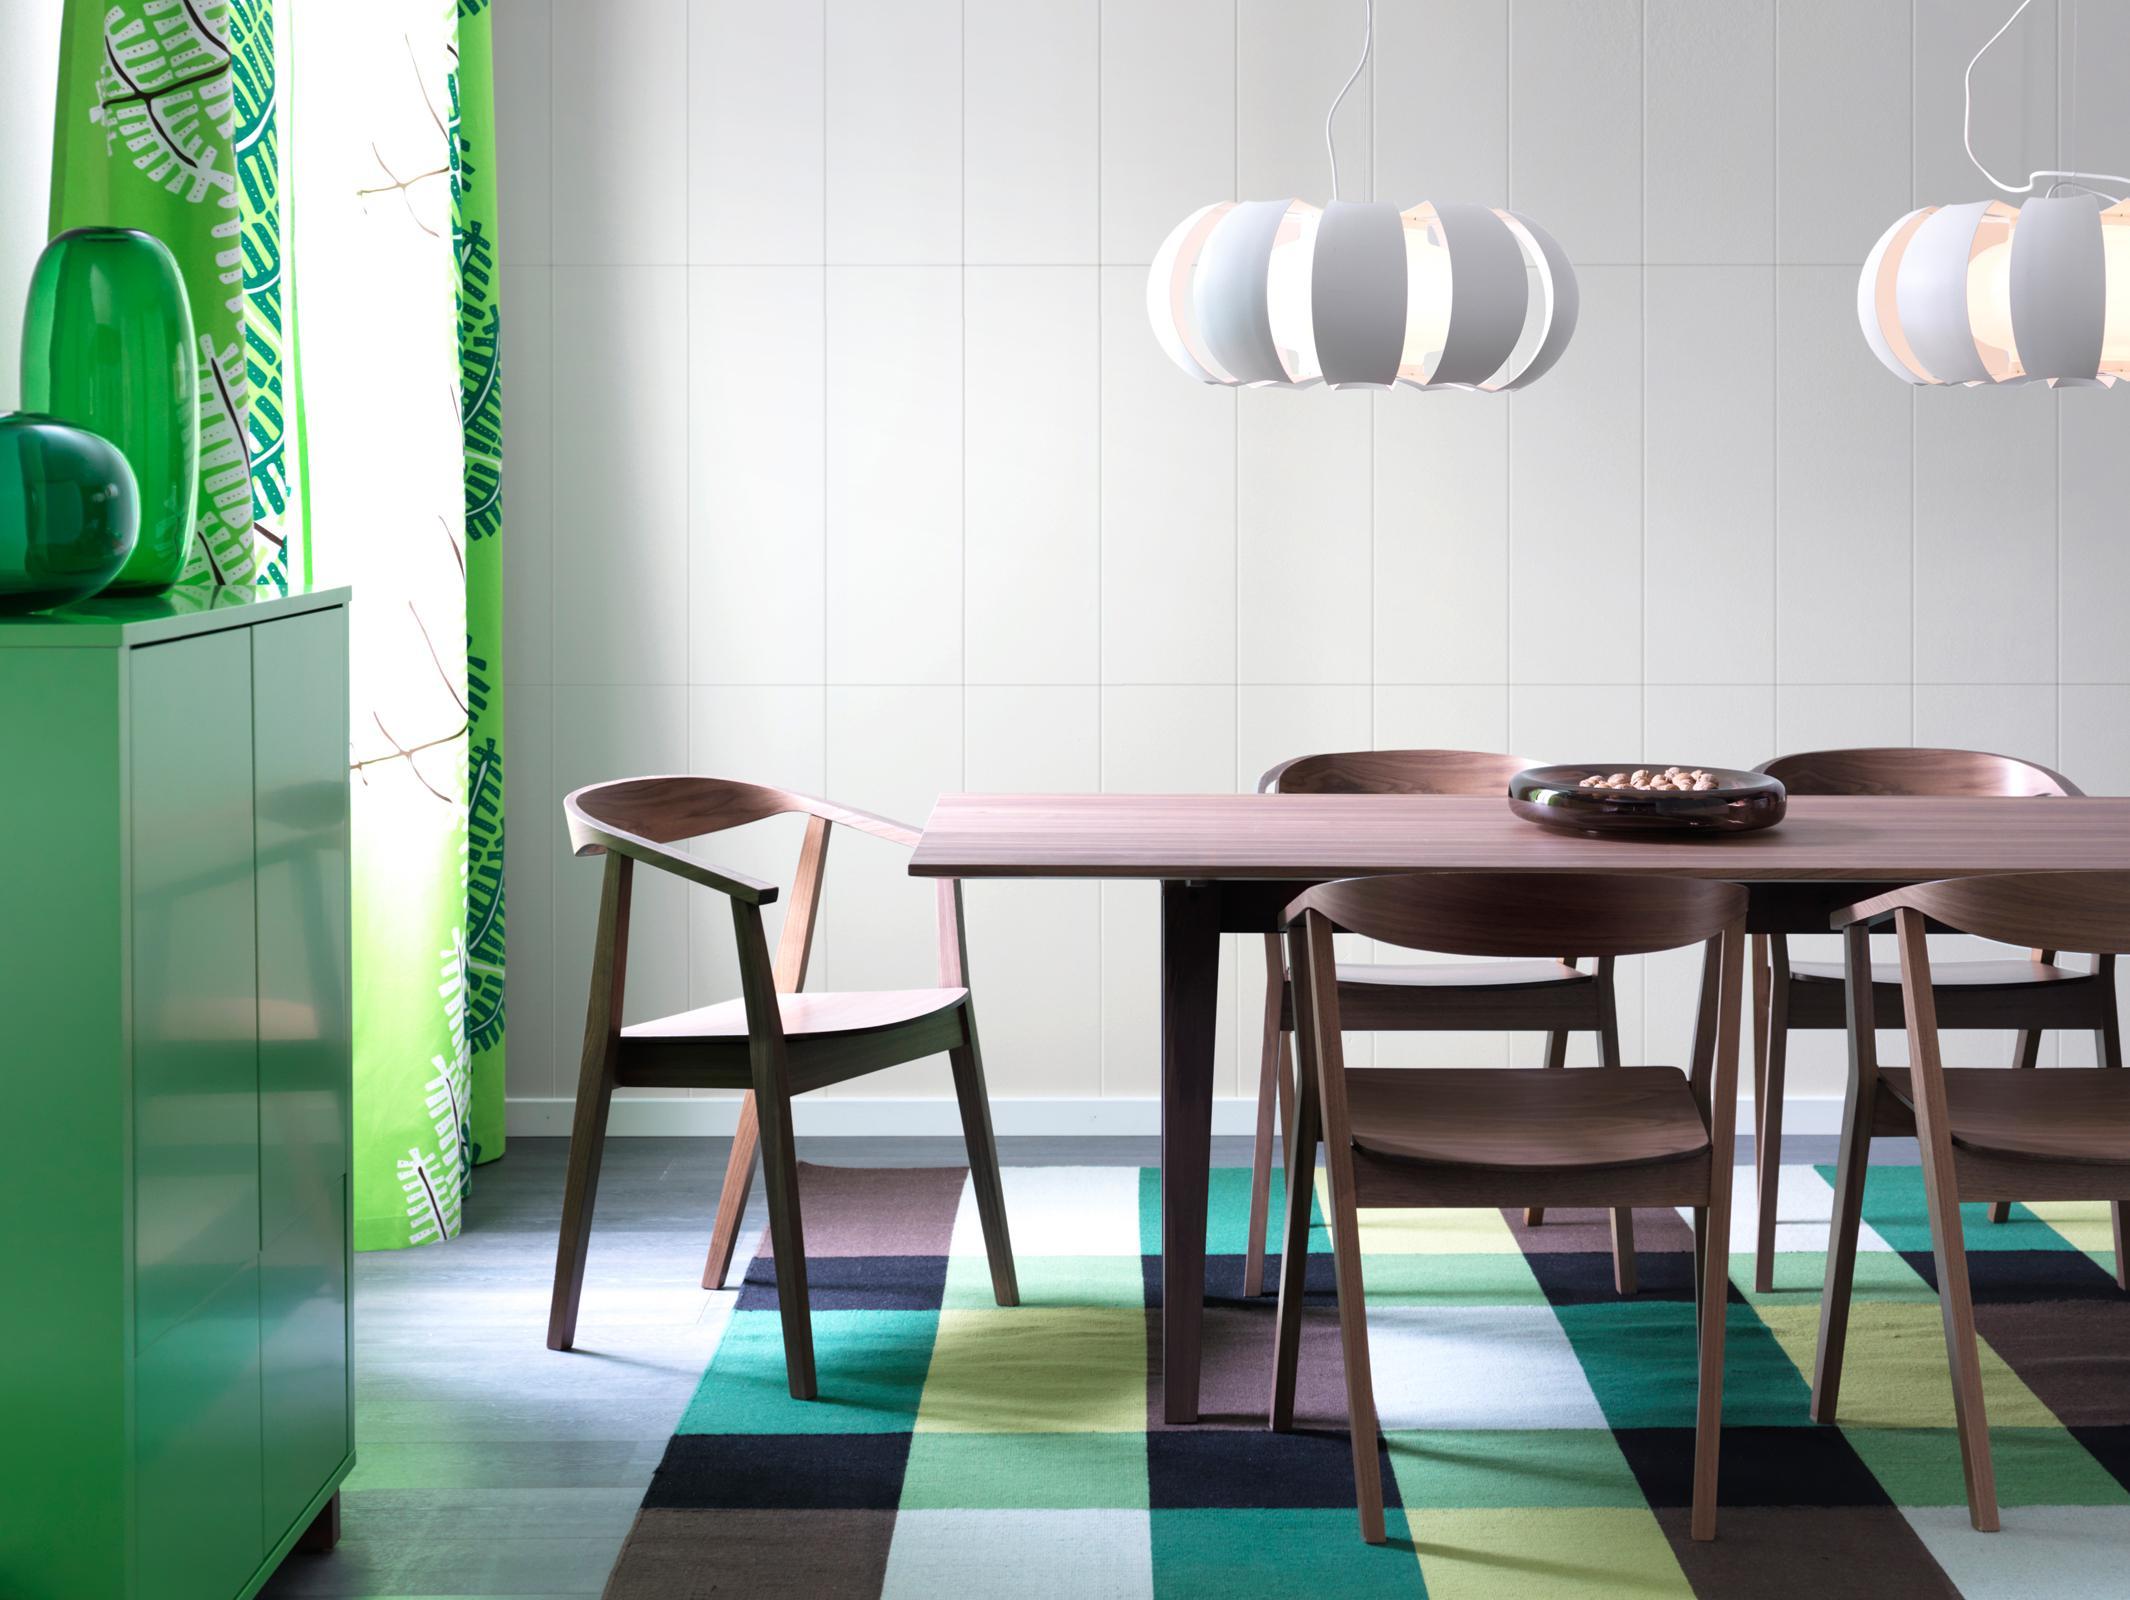 Uberlegen Esszimmer In Braun Und Grün #teppich #esstisch #ikea #hängeleuchte  #weißefliesen #